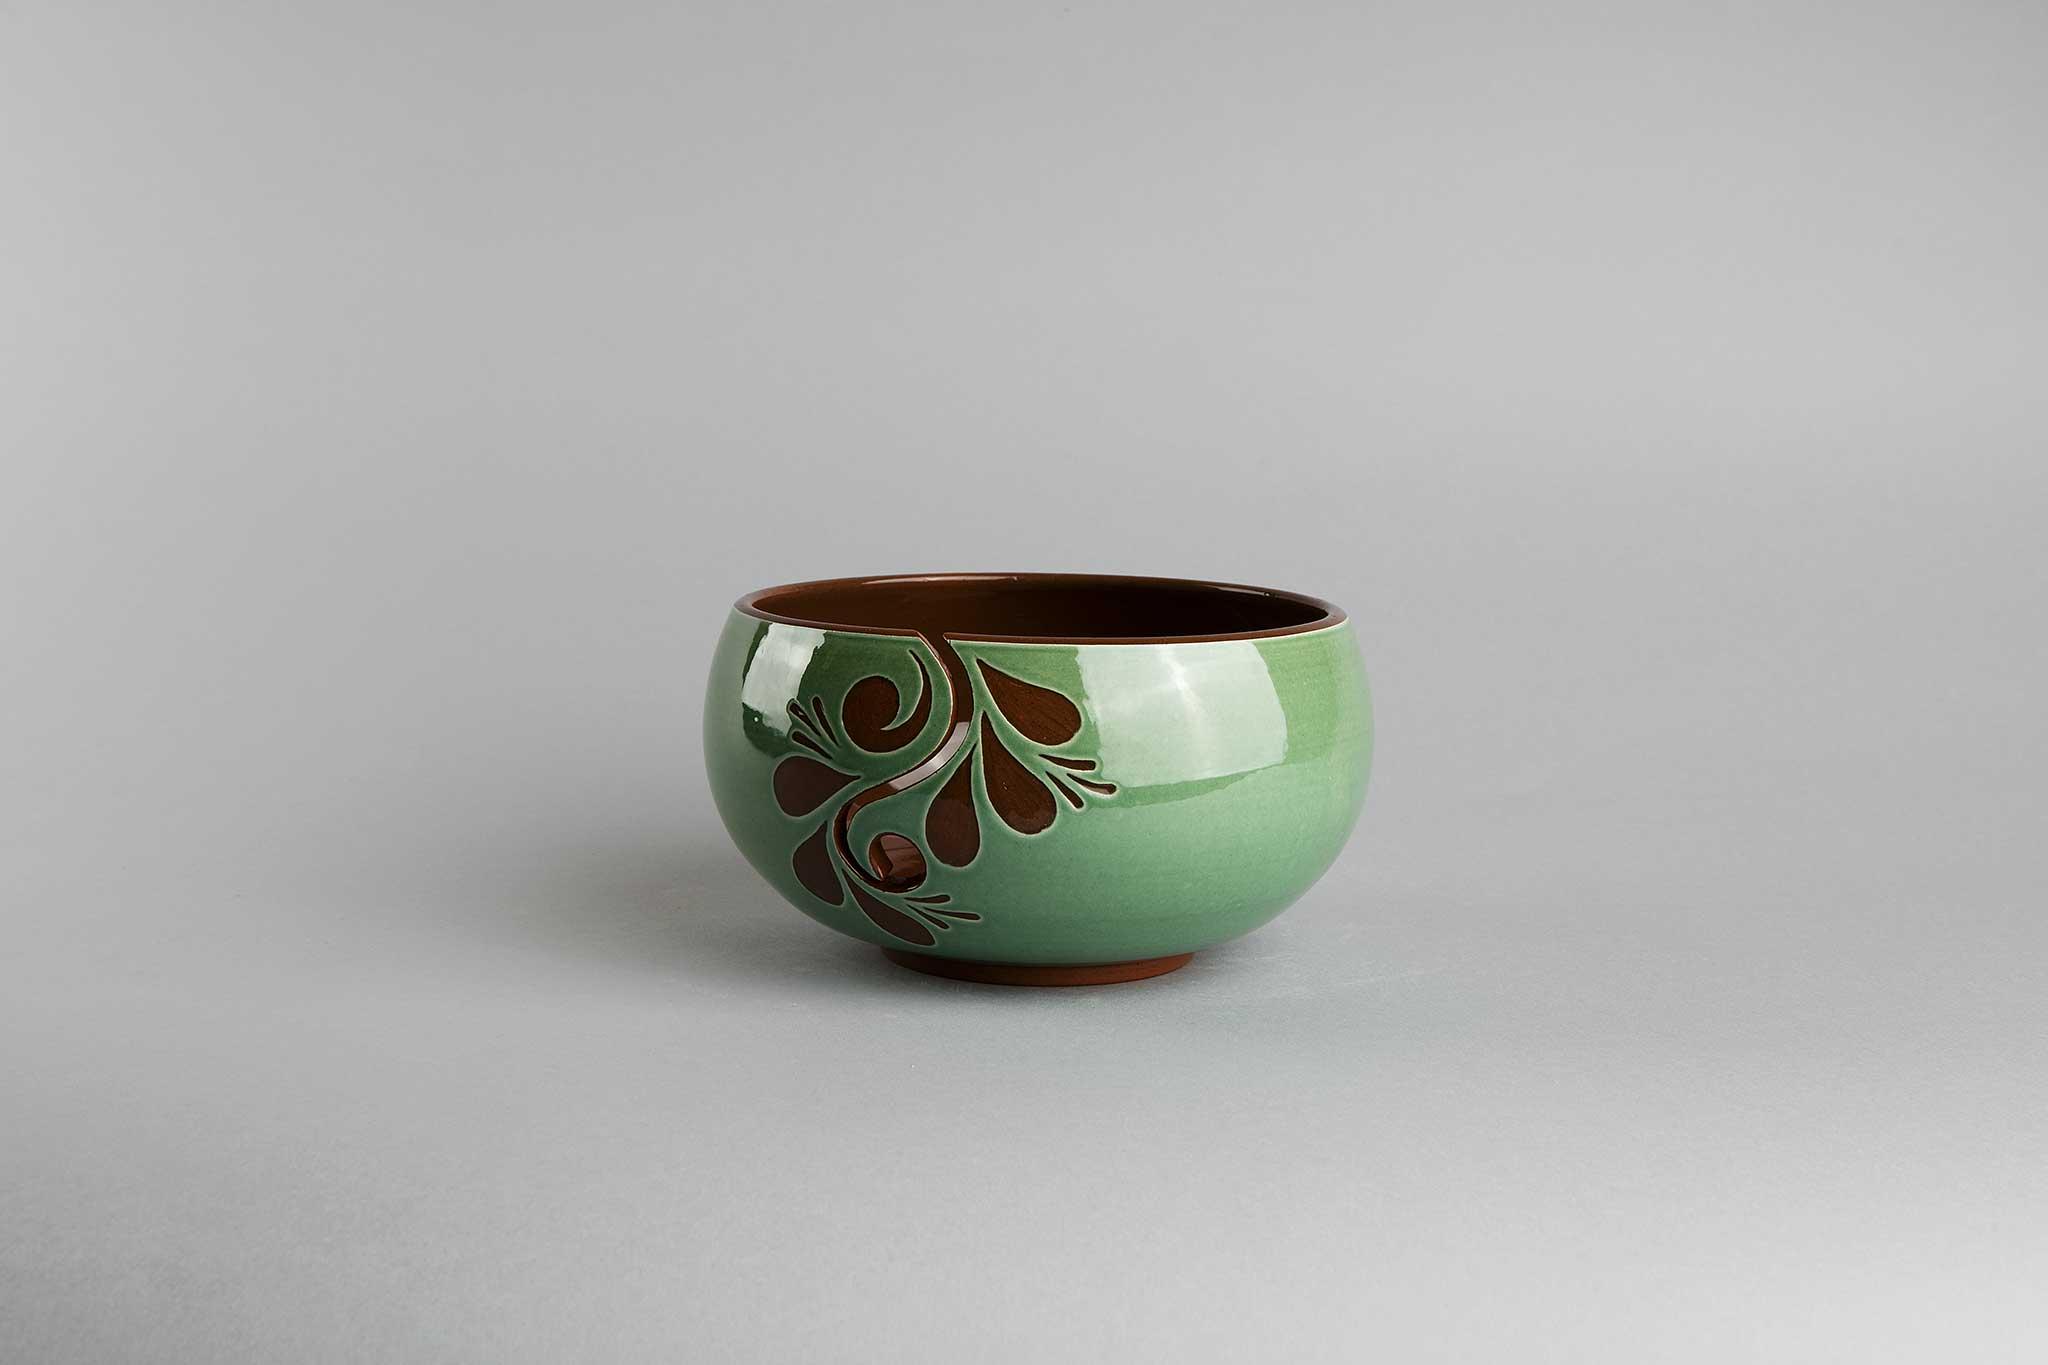 Strikkebolle, grønn, fra Potteriet Røros. Foto: Tom Gustavsen